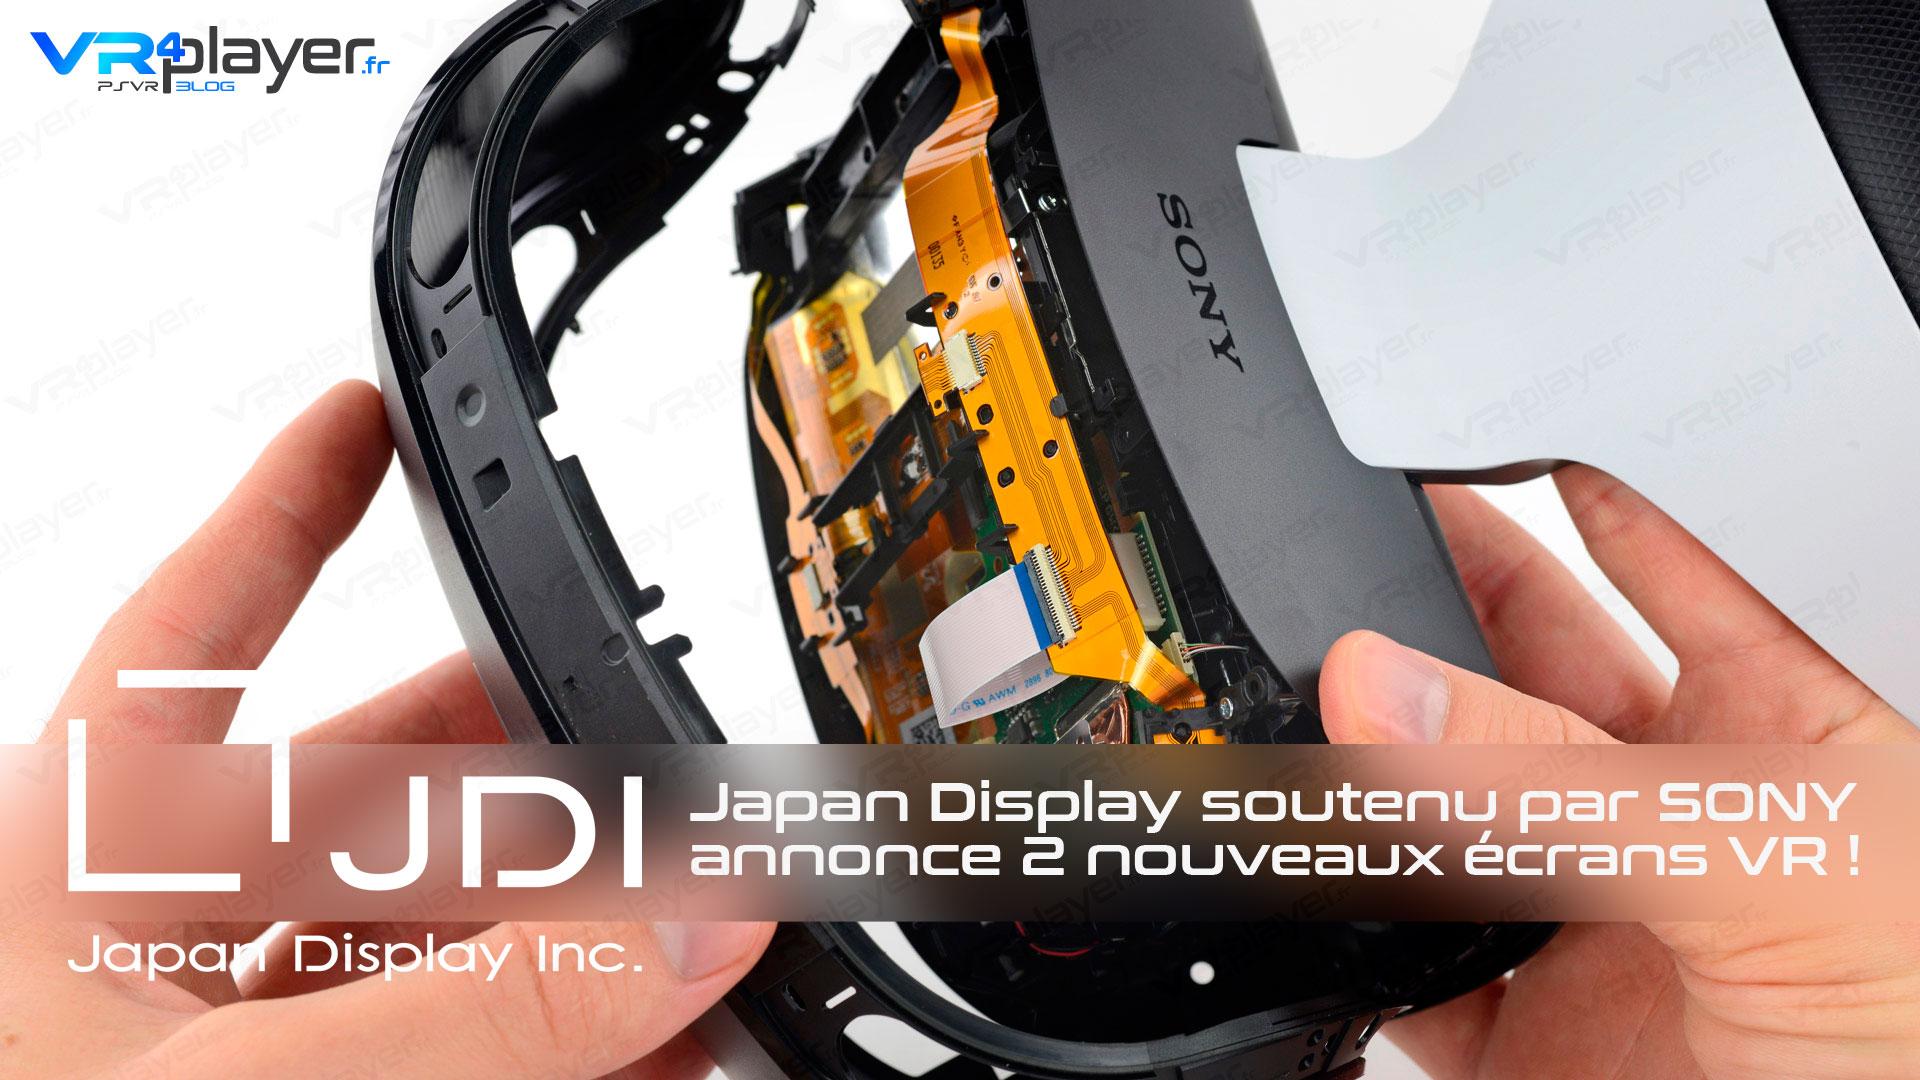 Japan Display Écrans PSVR VR4Player PlayStation VR